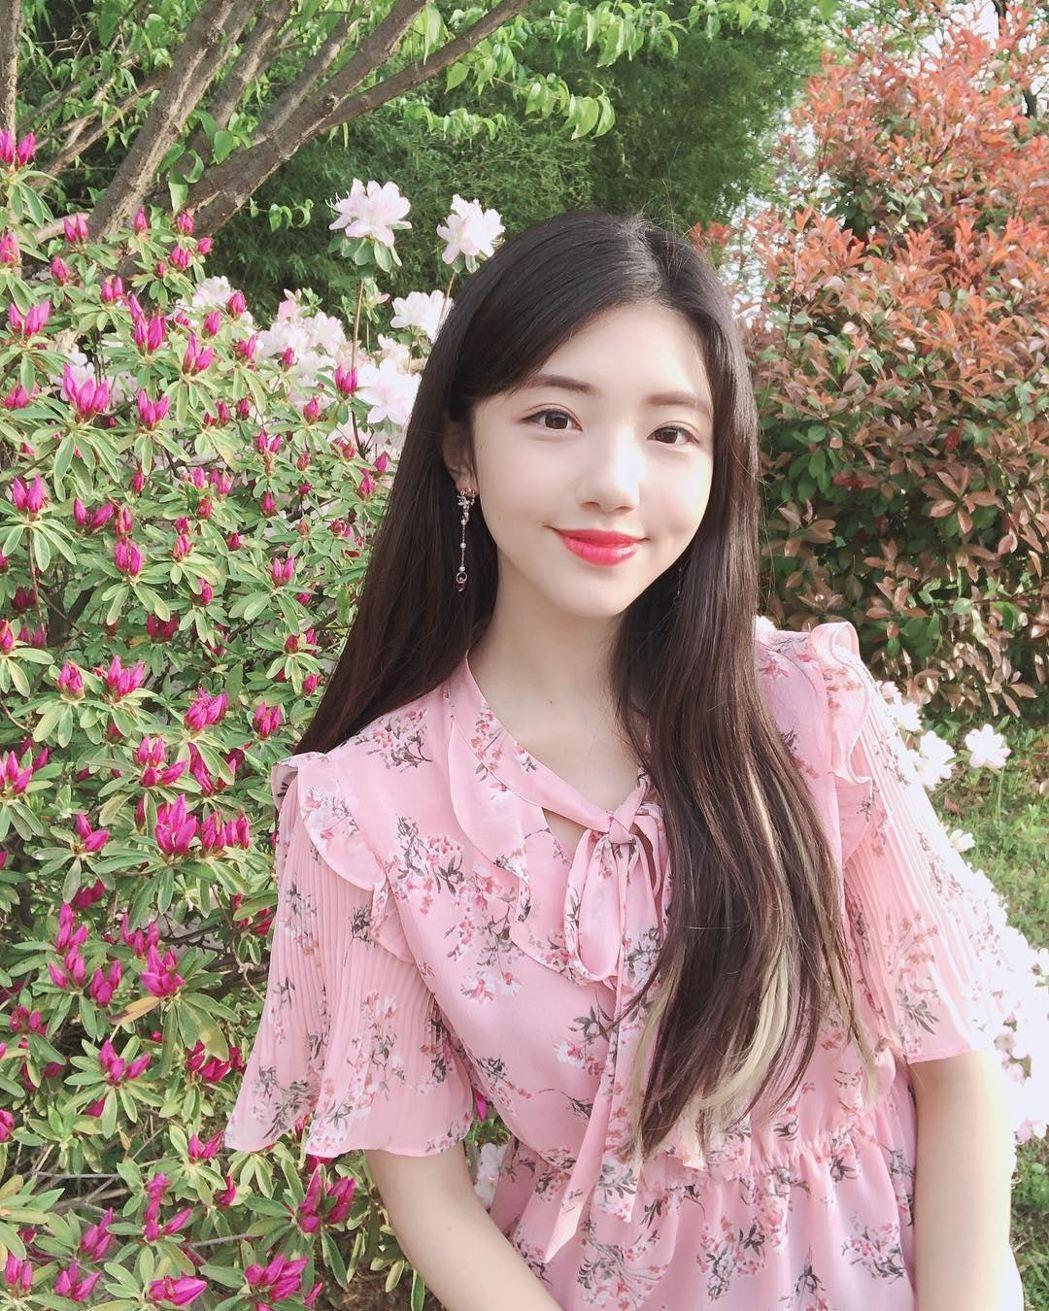 不少網友稱讚Jerry的美貌,「她散發著清純氣質」。圖翻攝自IG「yujin__...